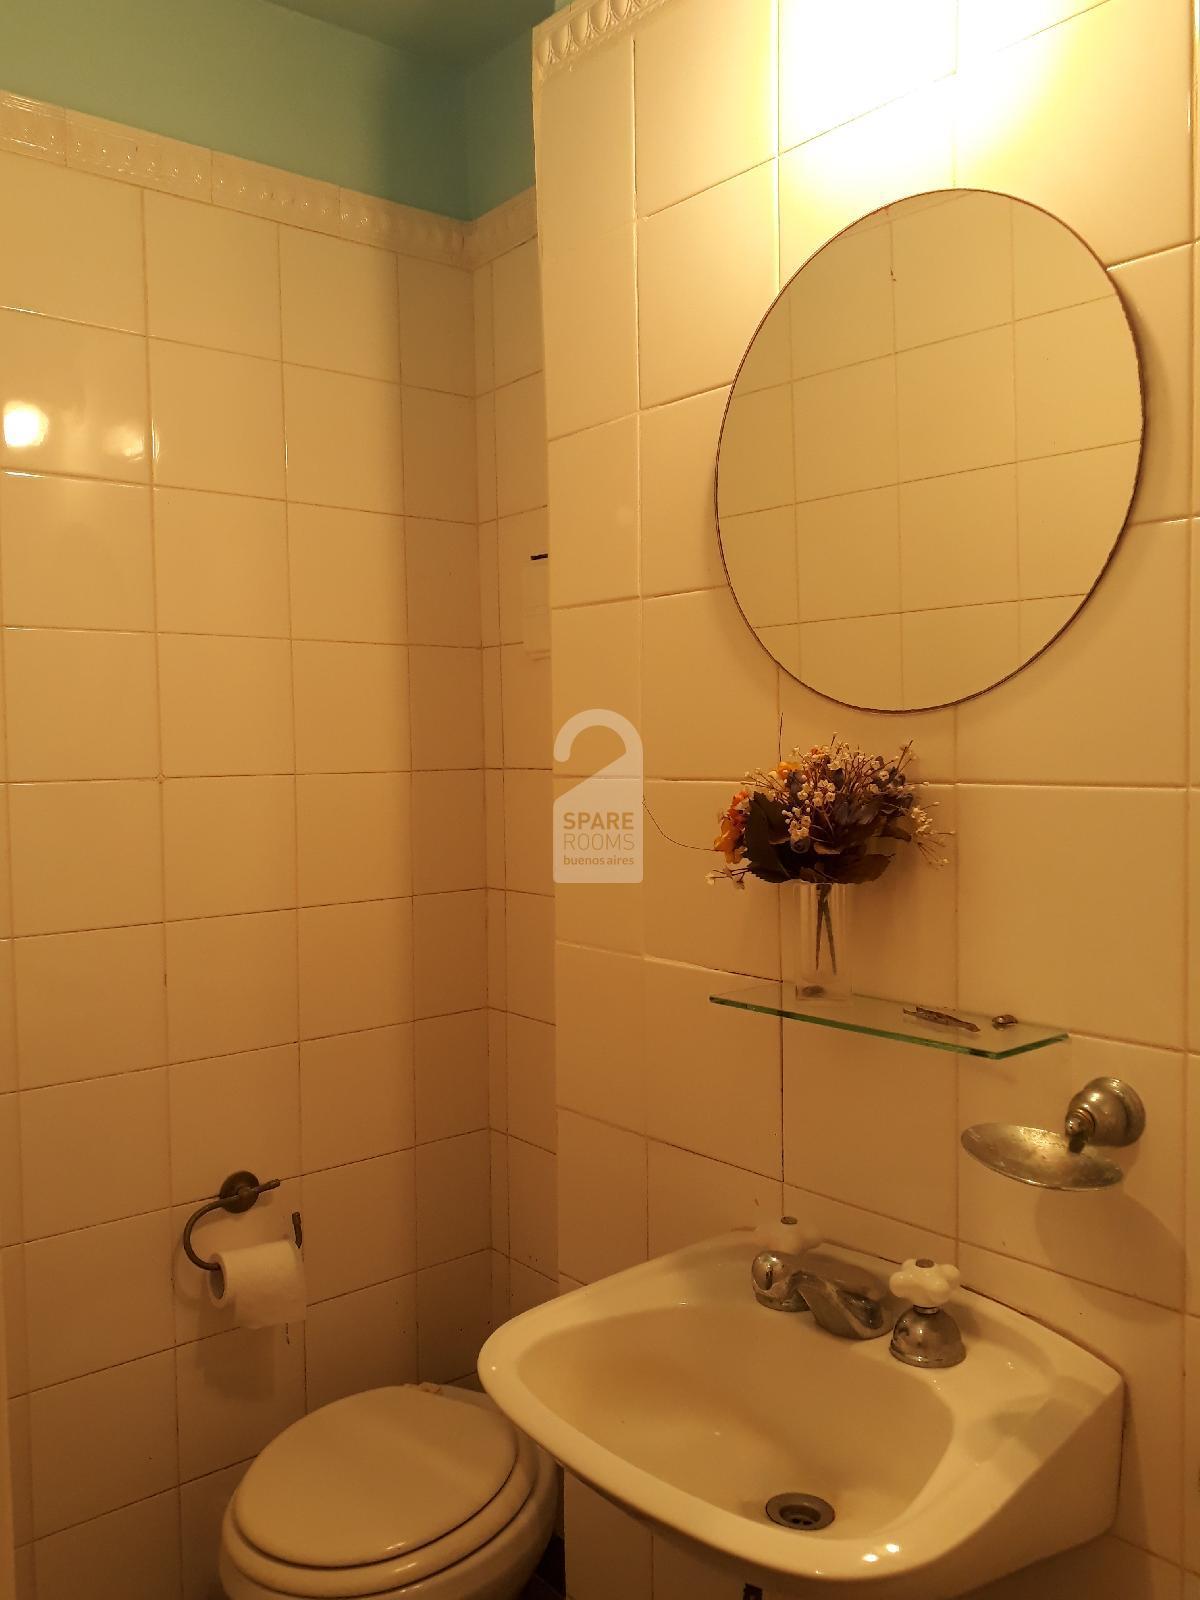 The bathroom 1